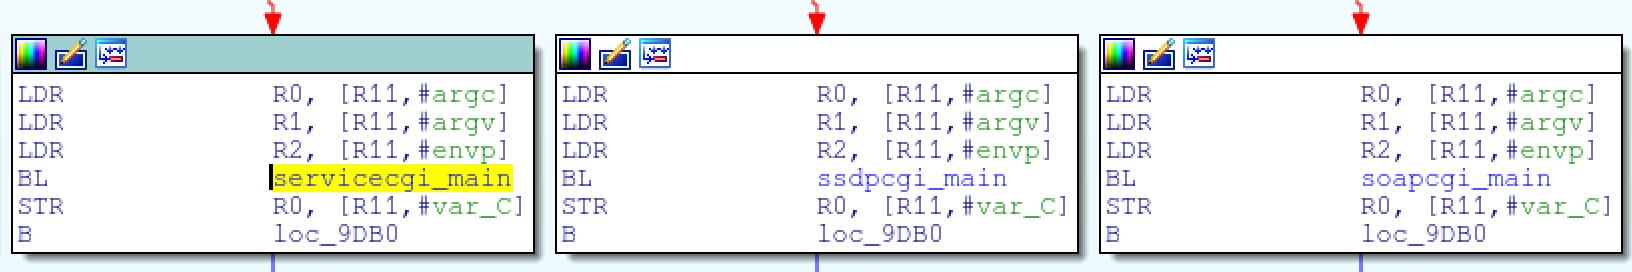 Рис. 5. Переименованные функции в прошивке D-Link